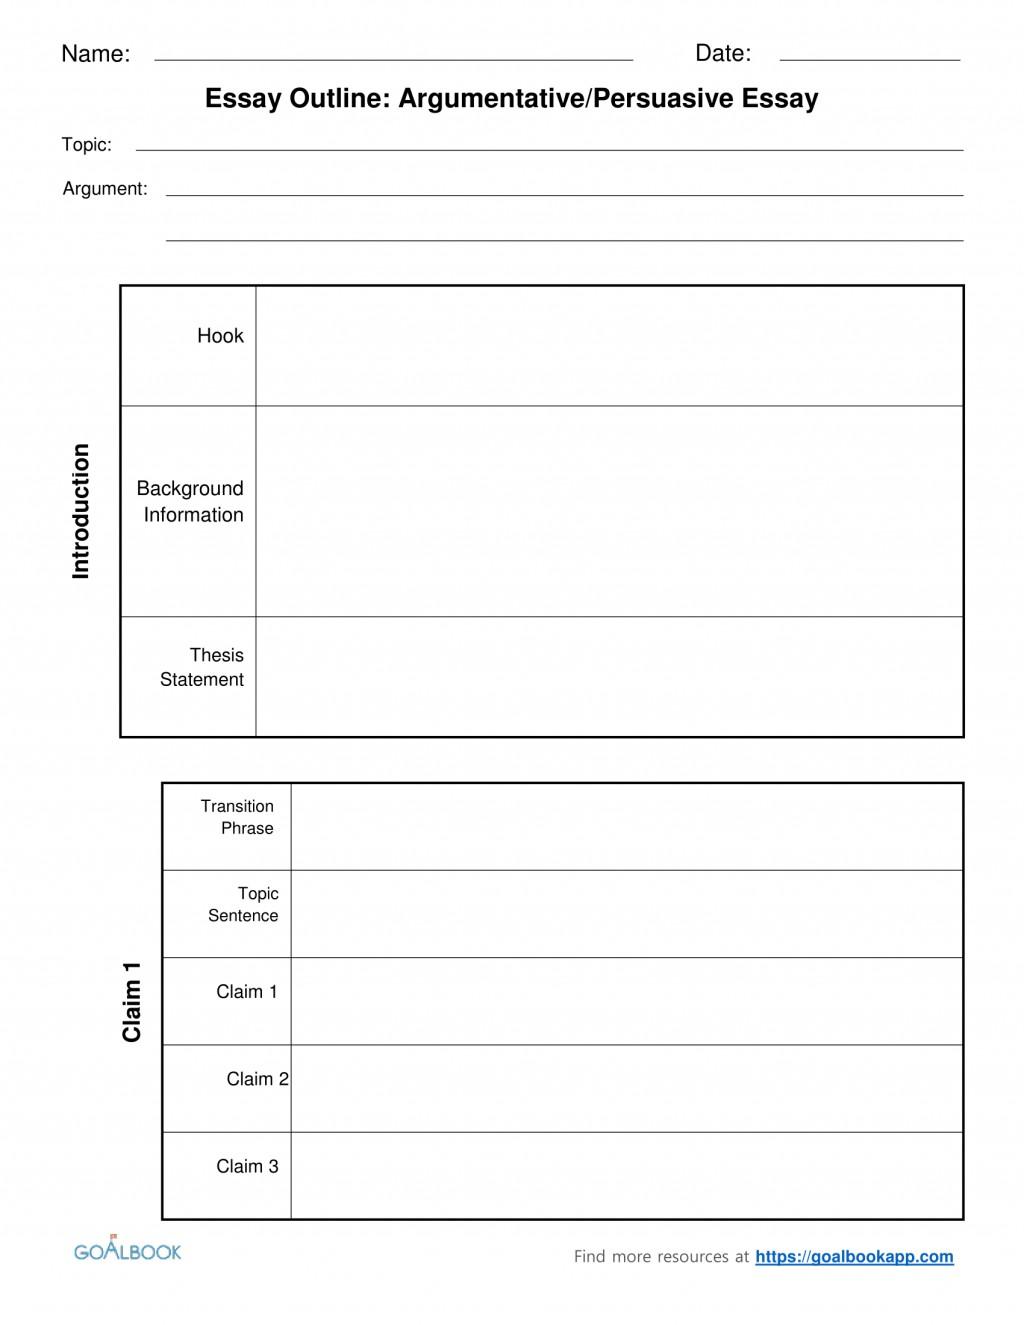 014 2argumentative Persuasiveessayoutlinechunked Outline For Persuasive Essay Stirring Argumentative Middle School Writing Large